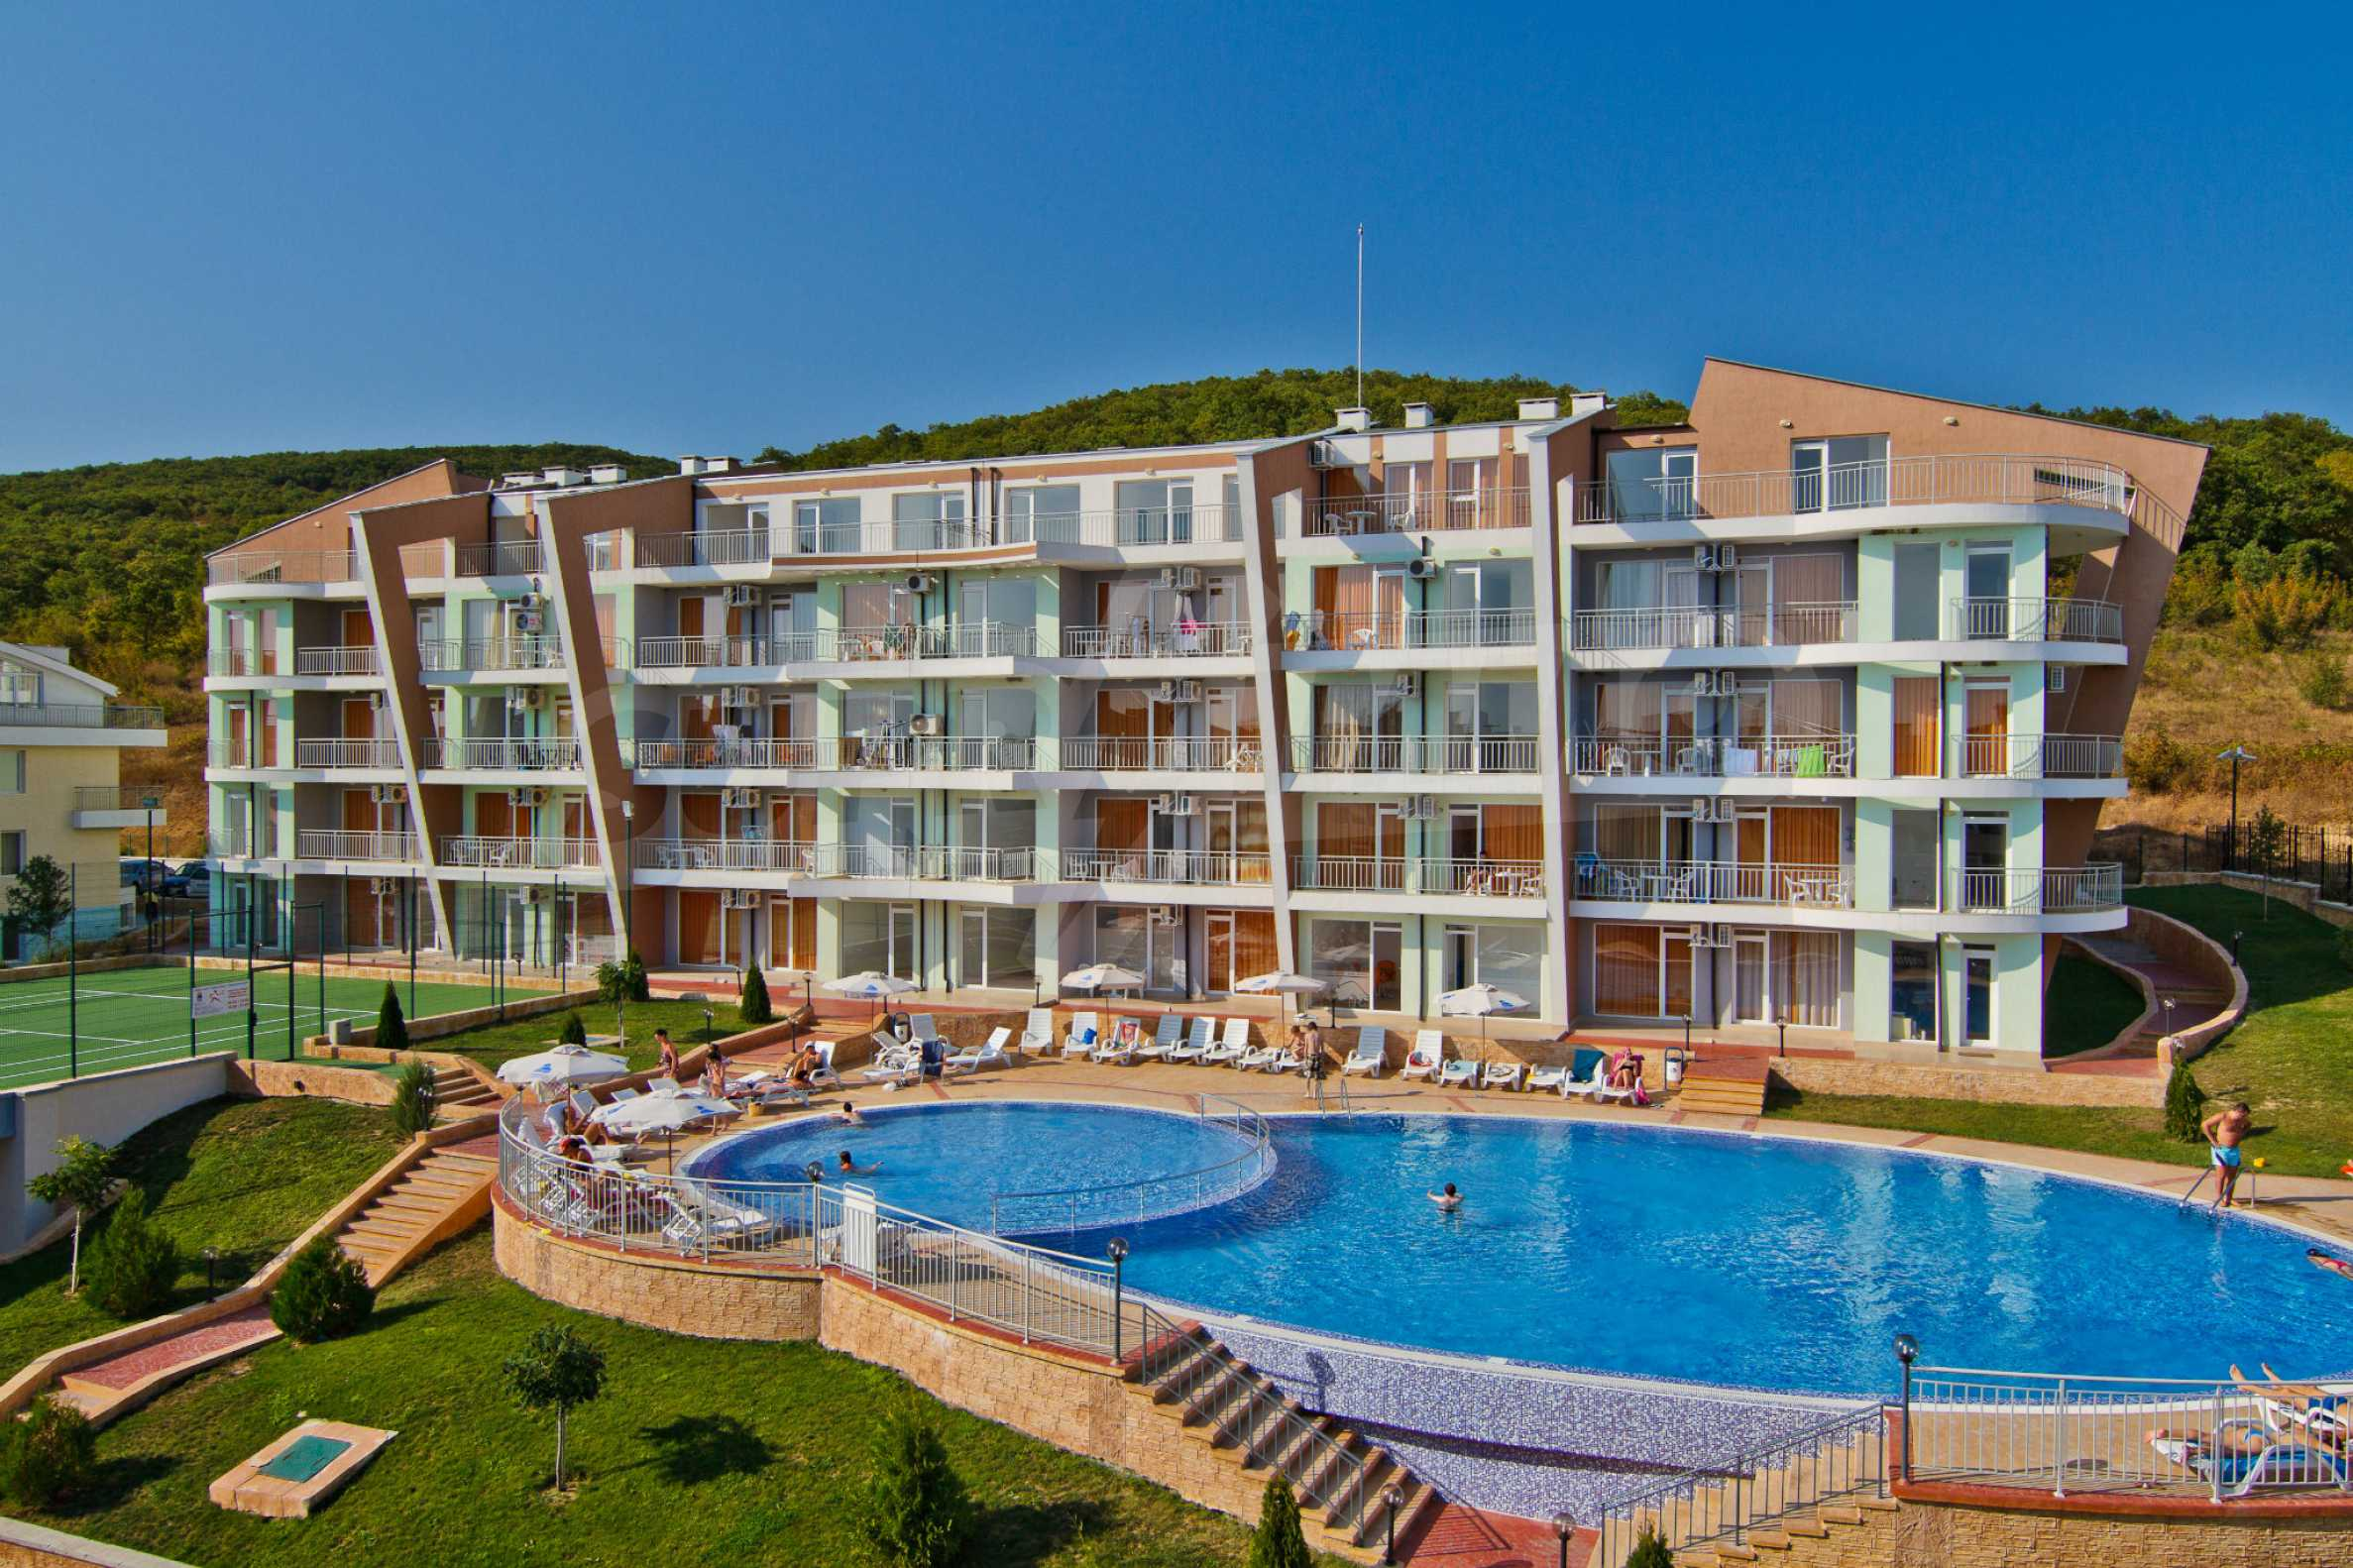 Sunset Kosharitsa - aпартаменти в атрактивен комплекс сред планината и морето, на 5 минути с кола от Слънчев бряг 1